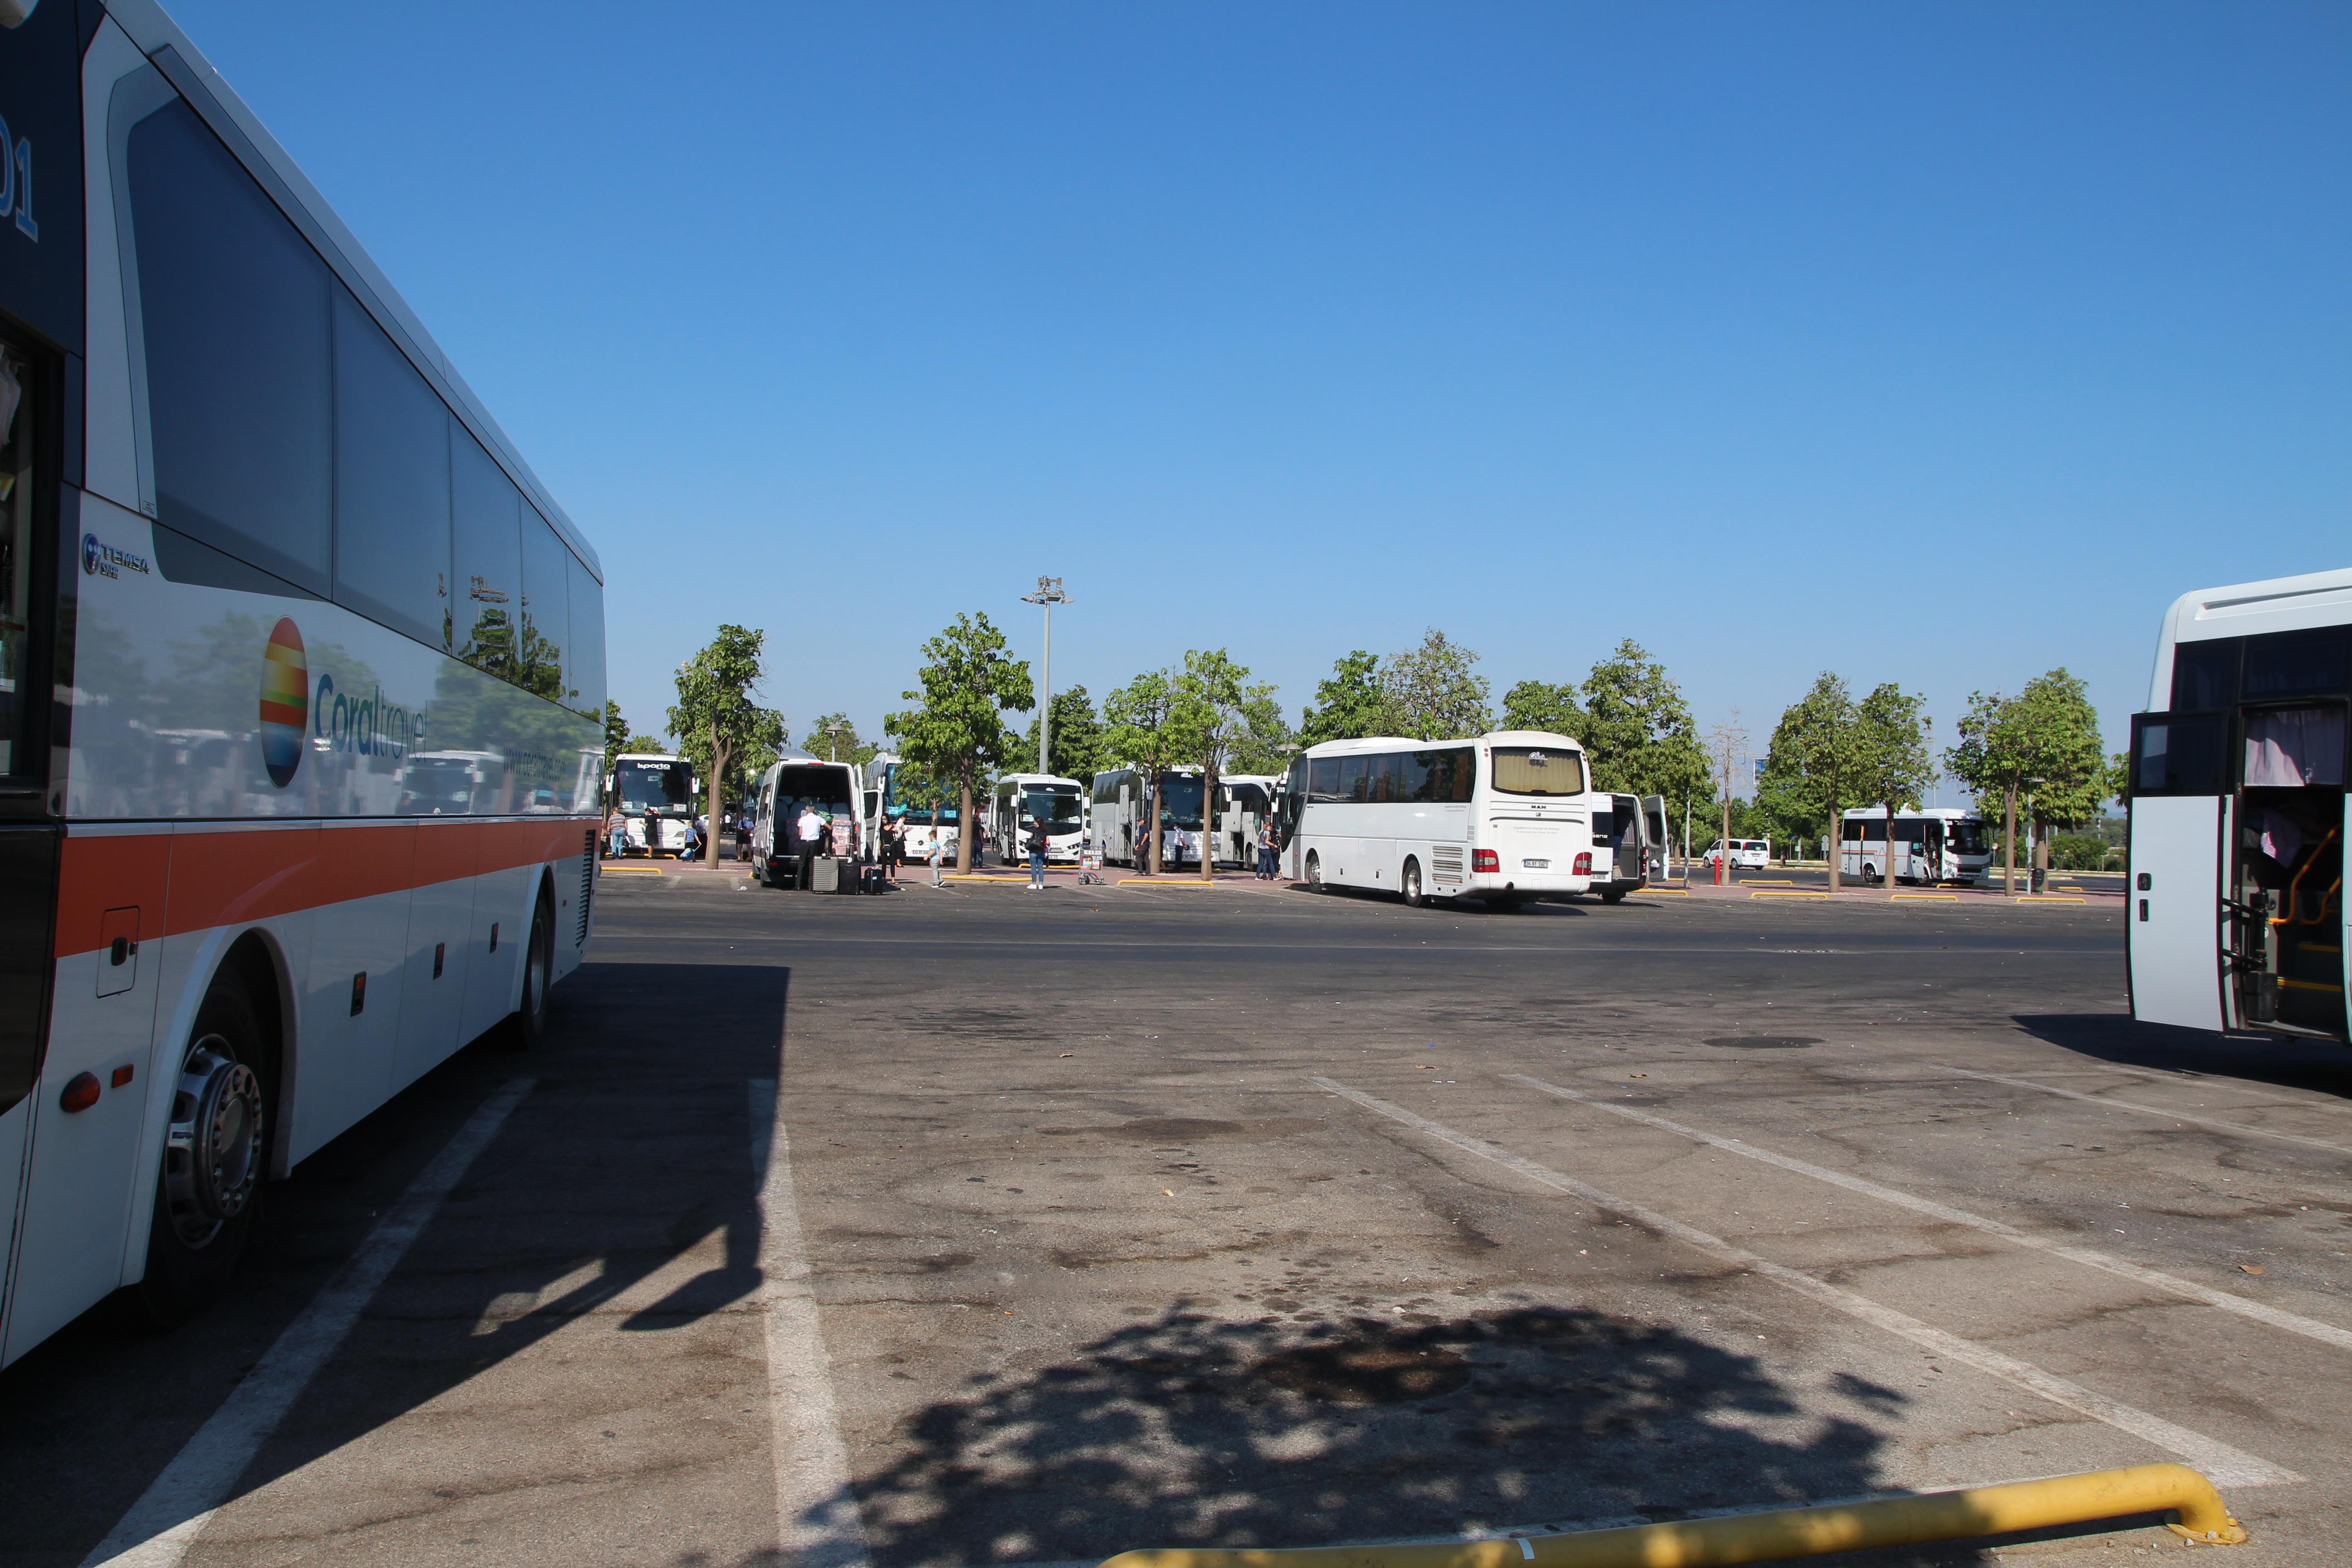 По количеству автобусов — этот сезон не самый рекордный по наплыву туристов